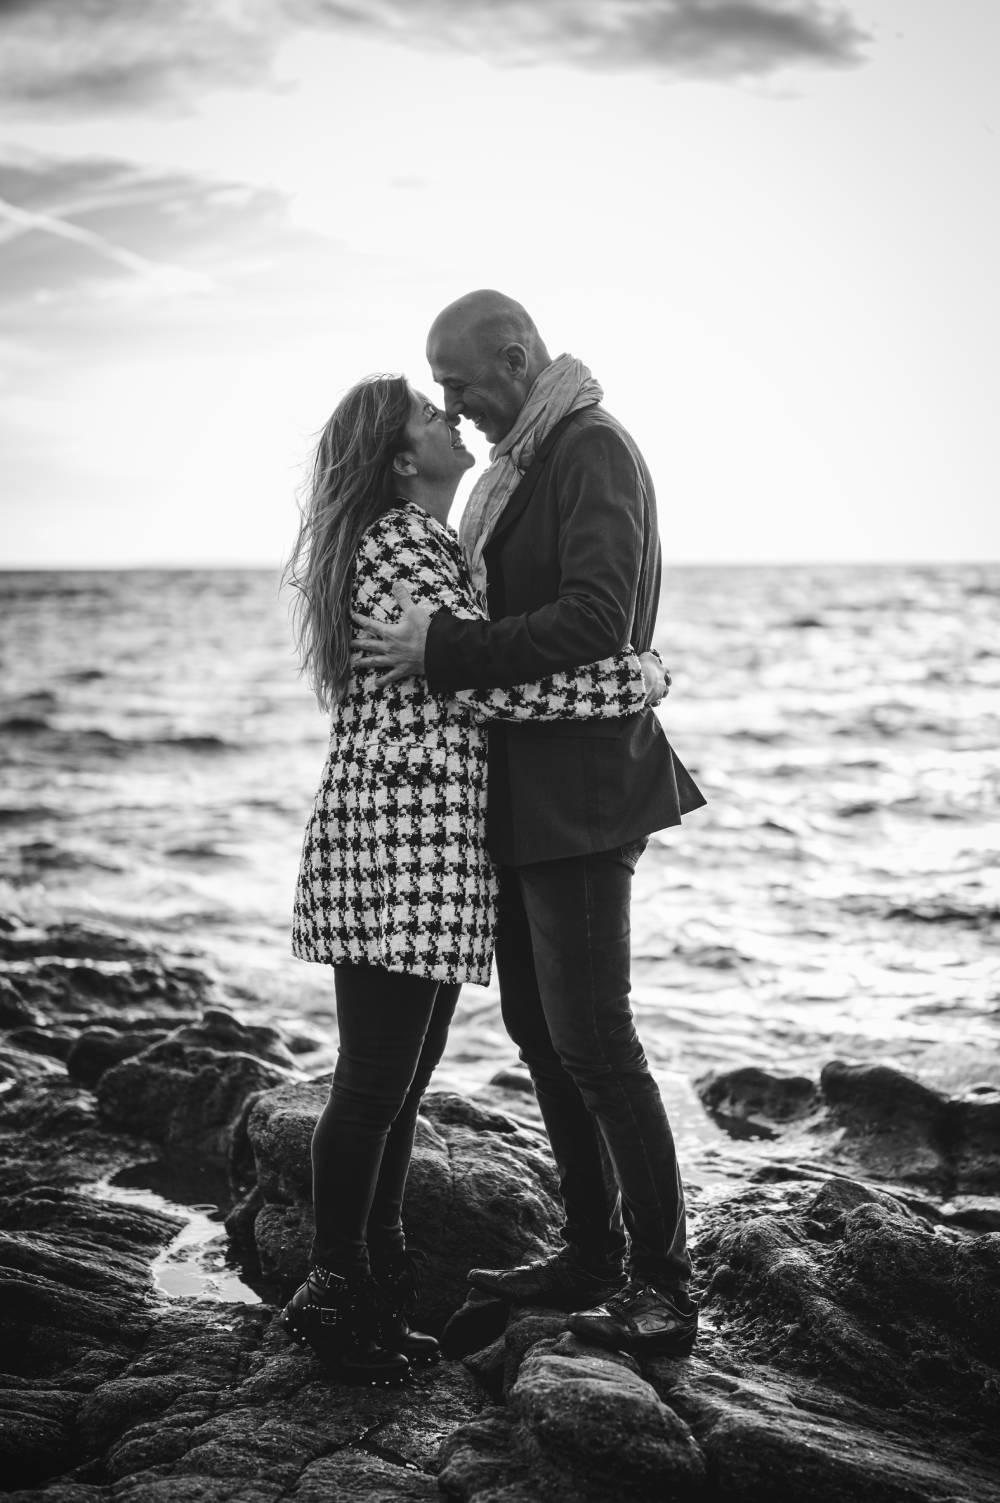 photo d'un couple amoureux sur la plage du Débarquement pris par photographe professionnel